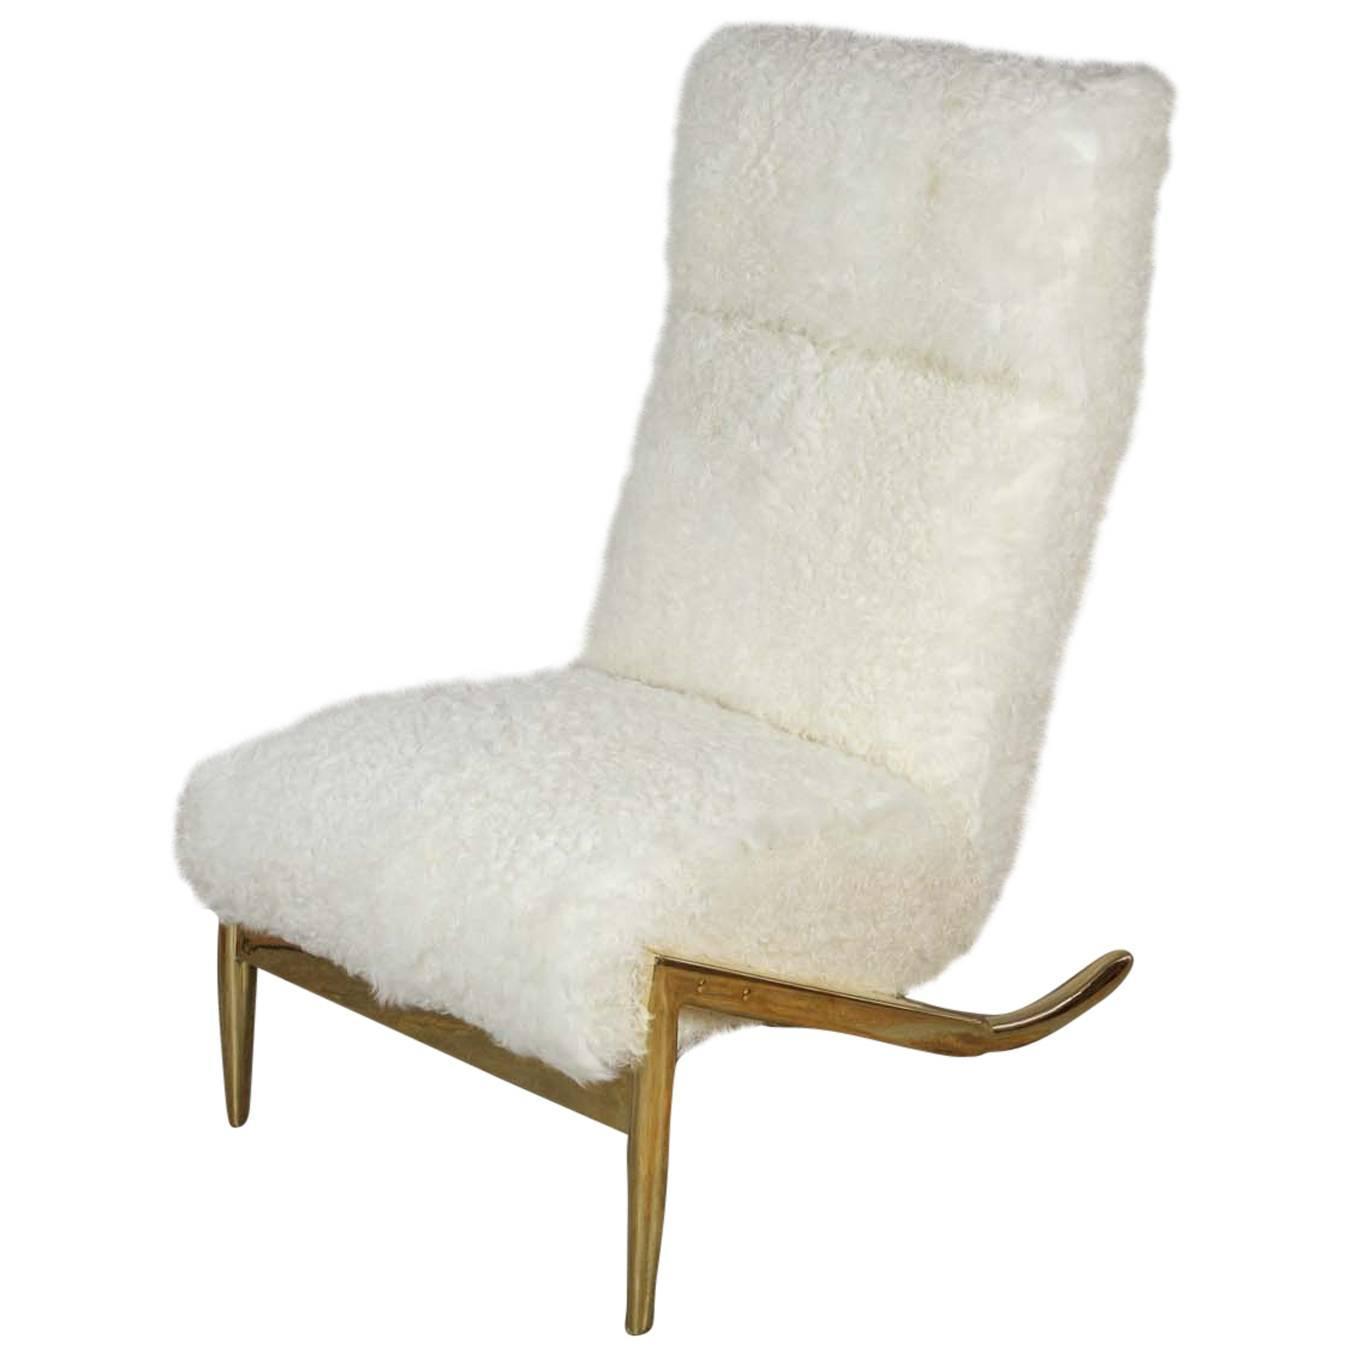 media slipper uk elm brooks chair west